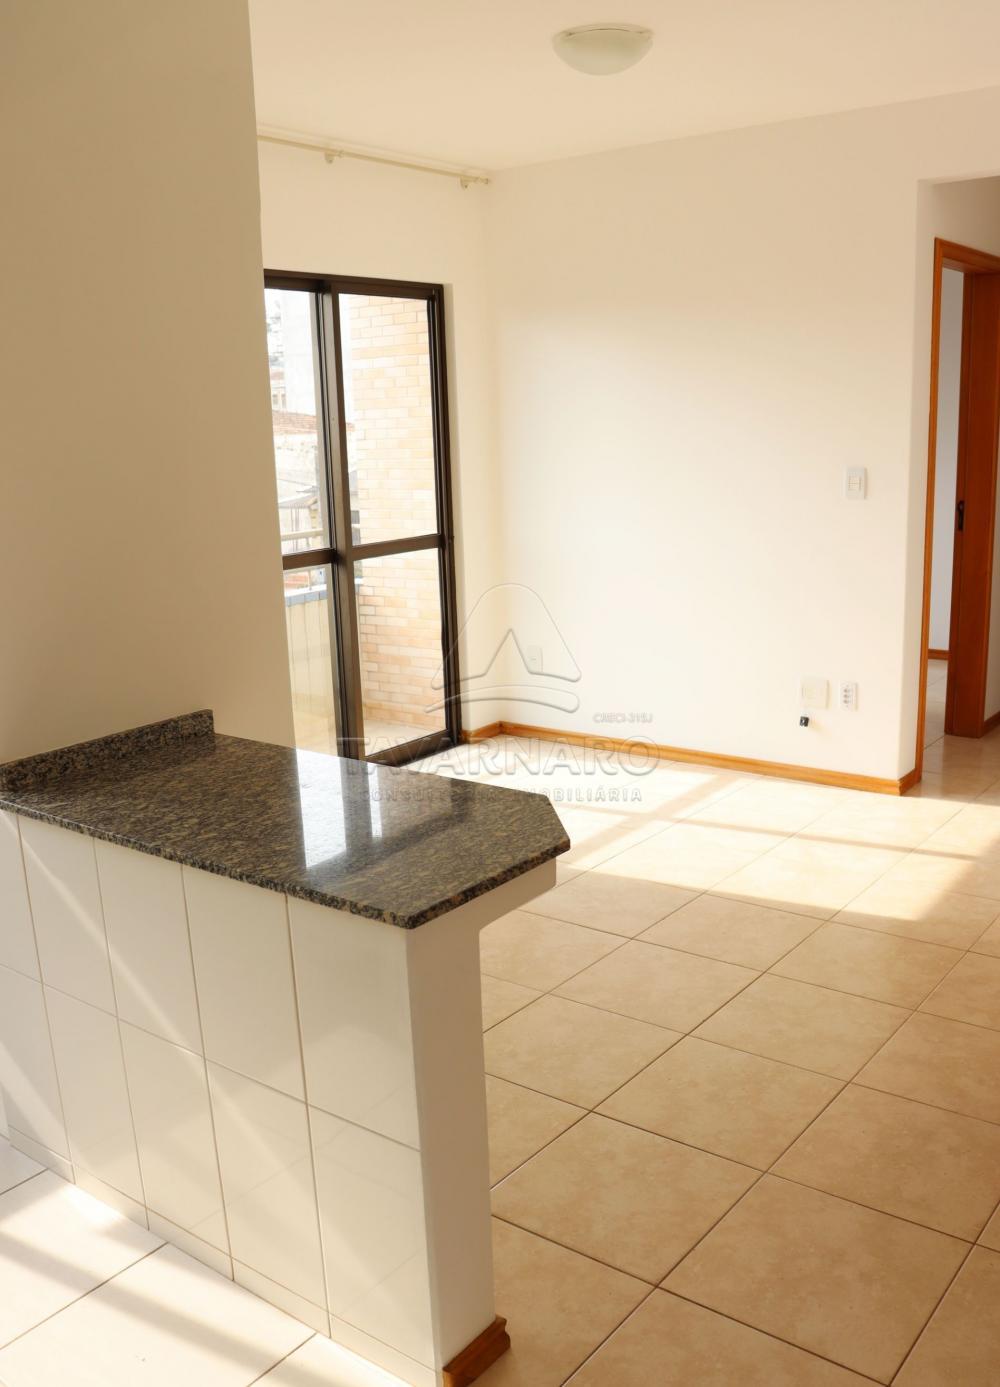 Alugar Apartamento / Padrão em Ponta Grossa R$ 1.000,00 - Foto 6